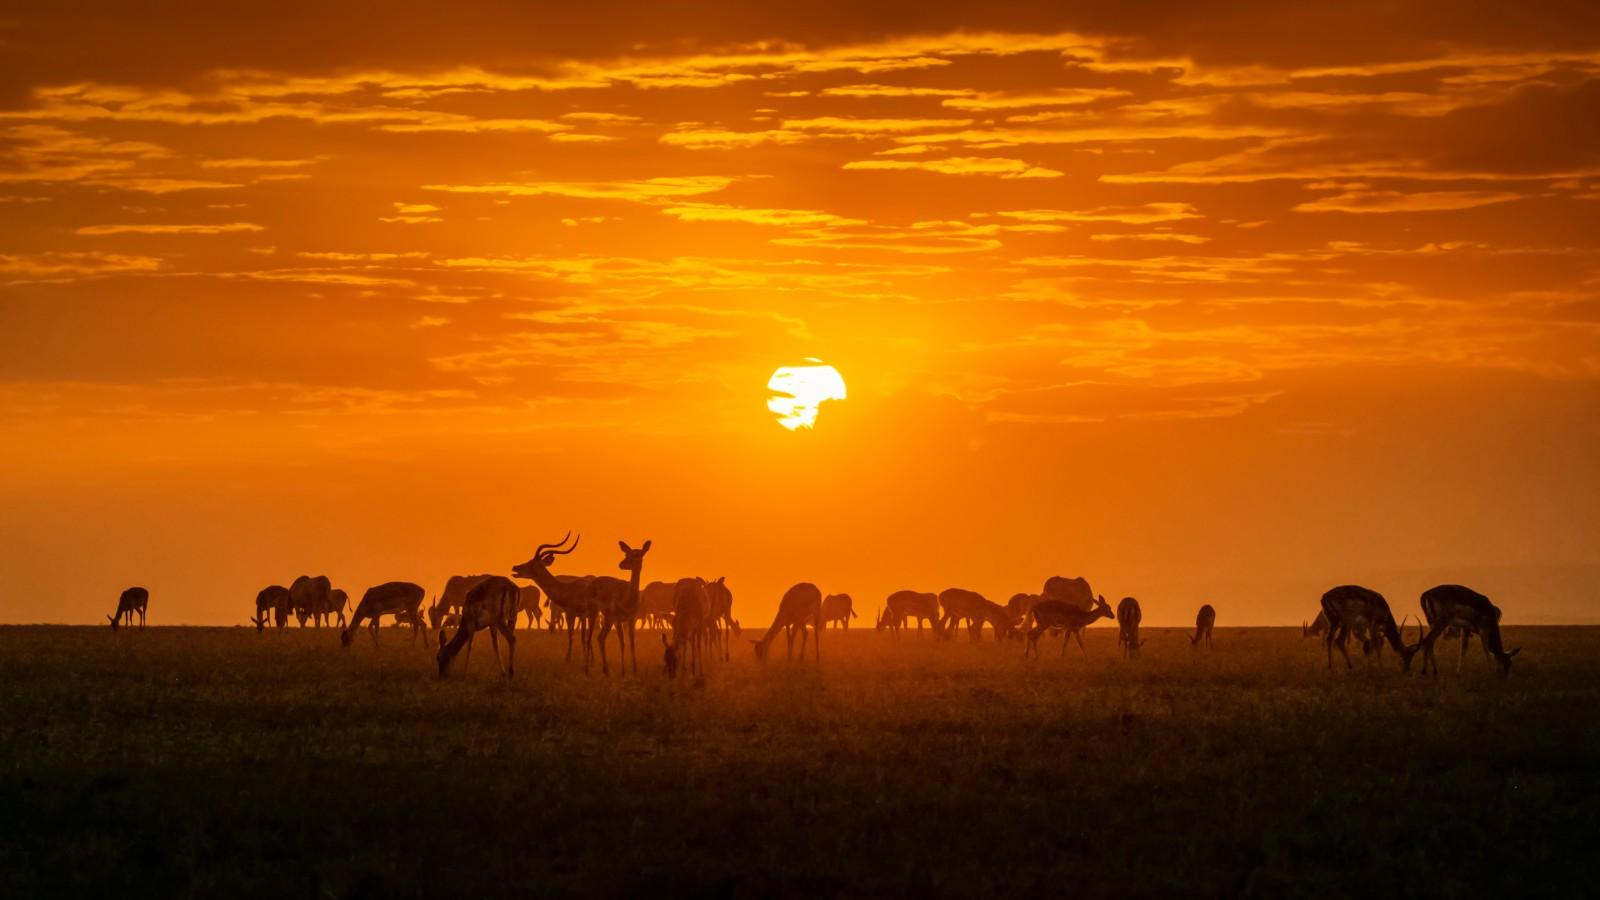 《夕阳下的黑斑羚》.jpg